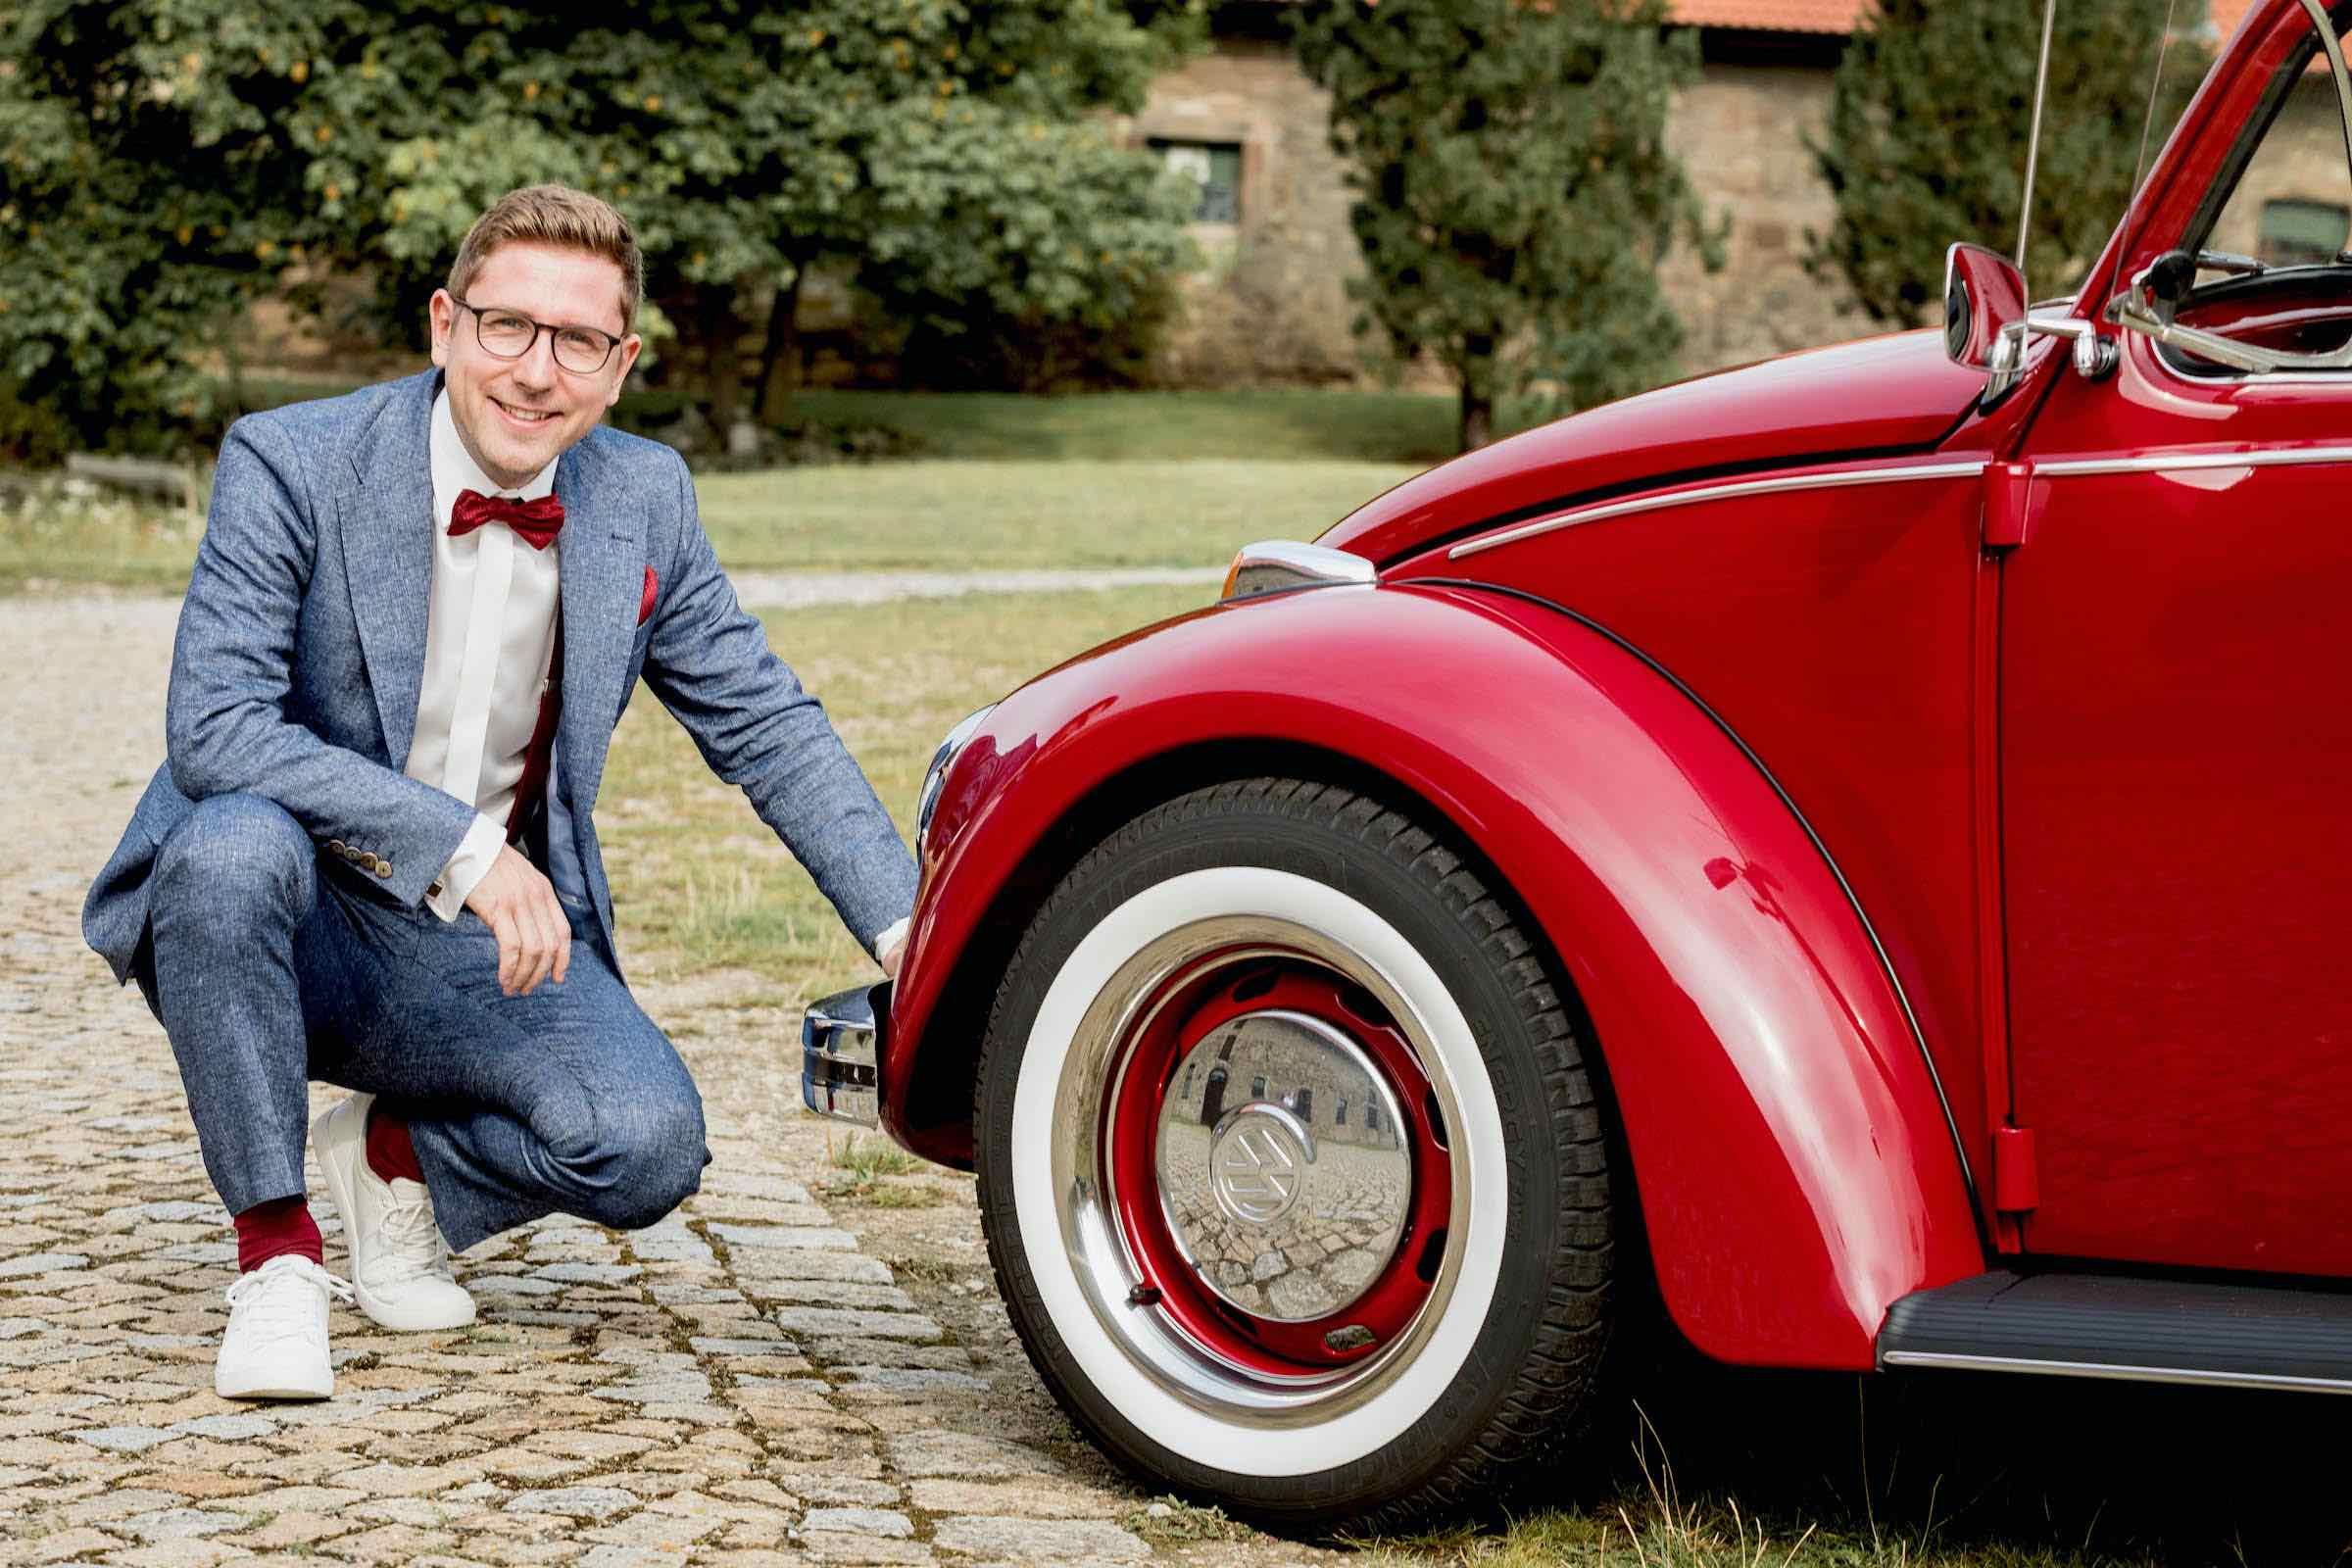 Oldtimer | VW | Käfer | Hochzeitsauto | Brautwagen | Classic | Car | Vermietung | Verleih | Hochzeit | Event | Mieten | Buchen | Leihen